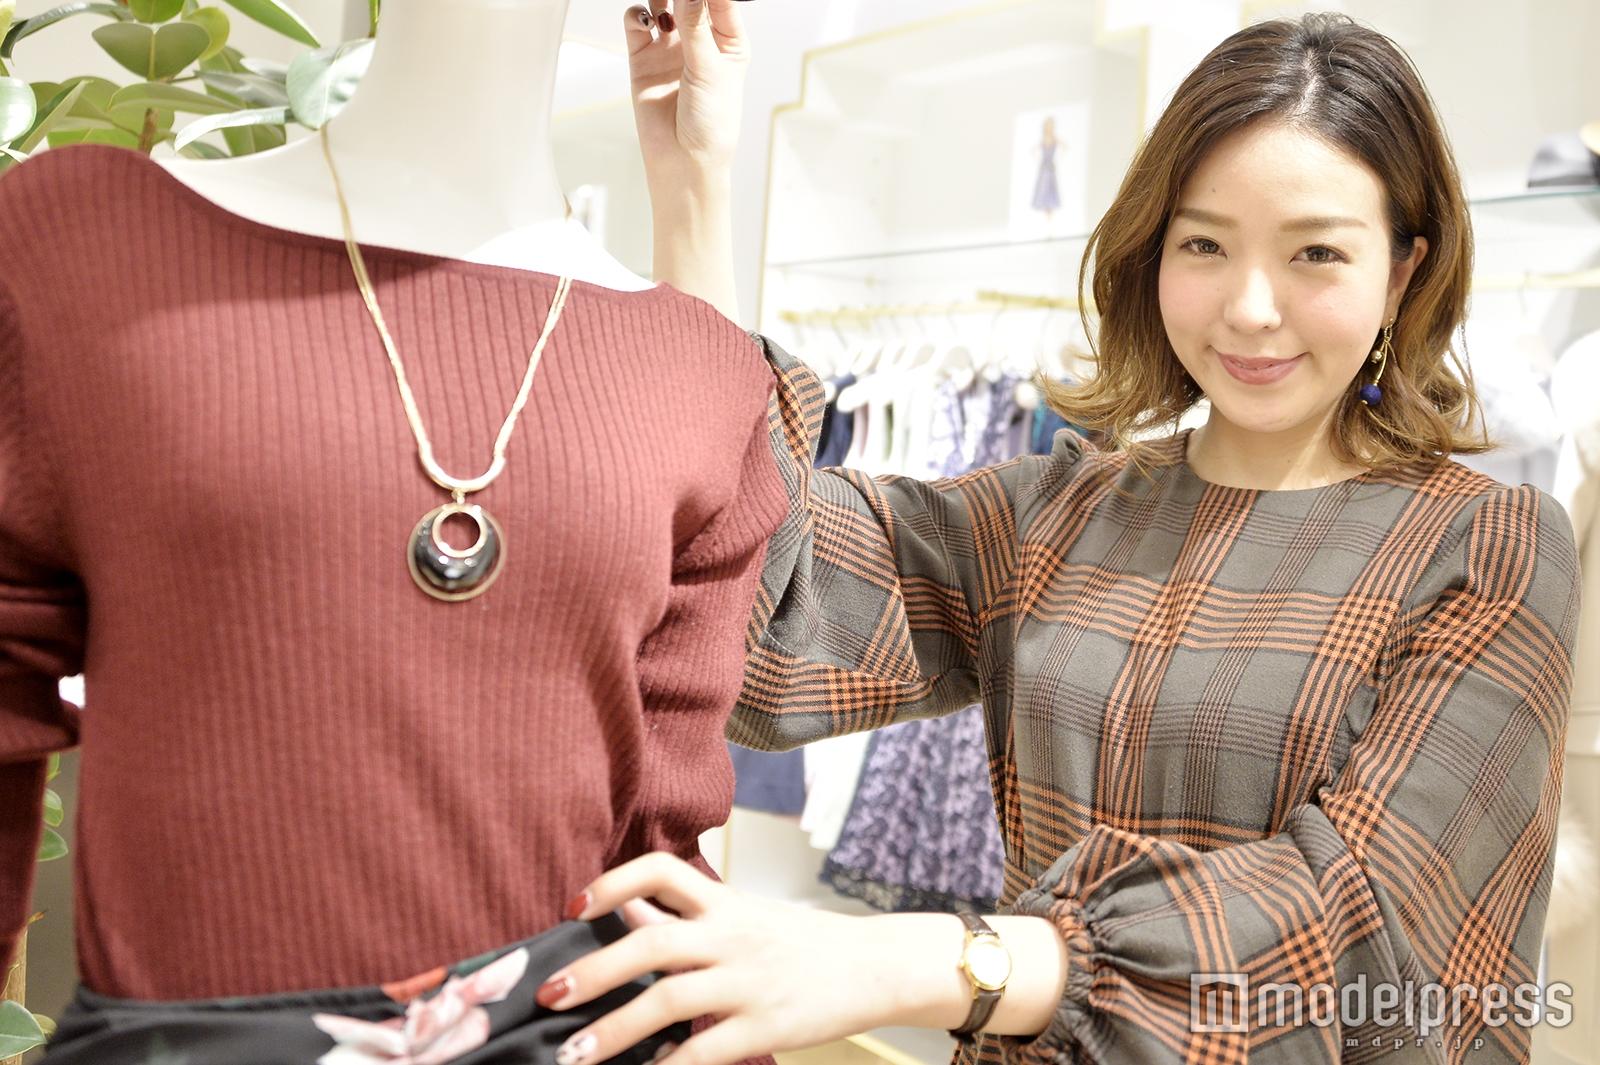 モデルプレスのインタビューに応じた宮城梨乃さん(C)モデルプレス